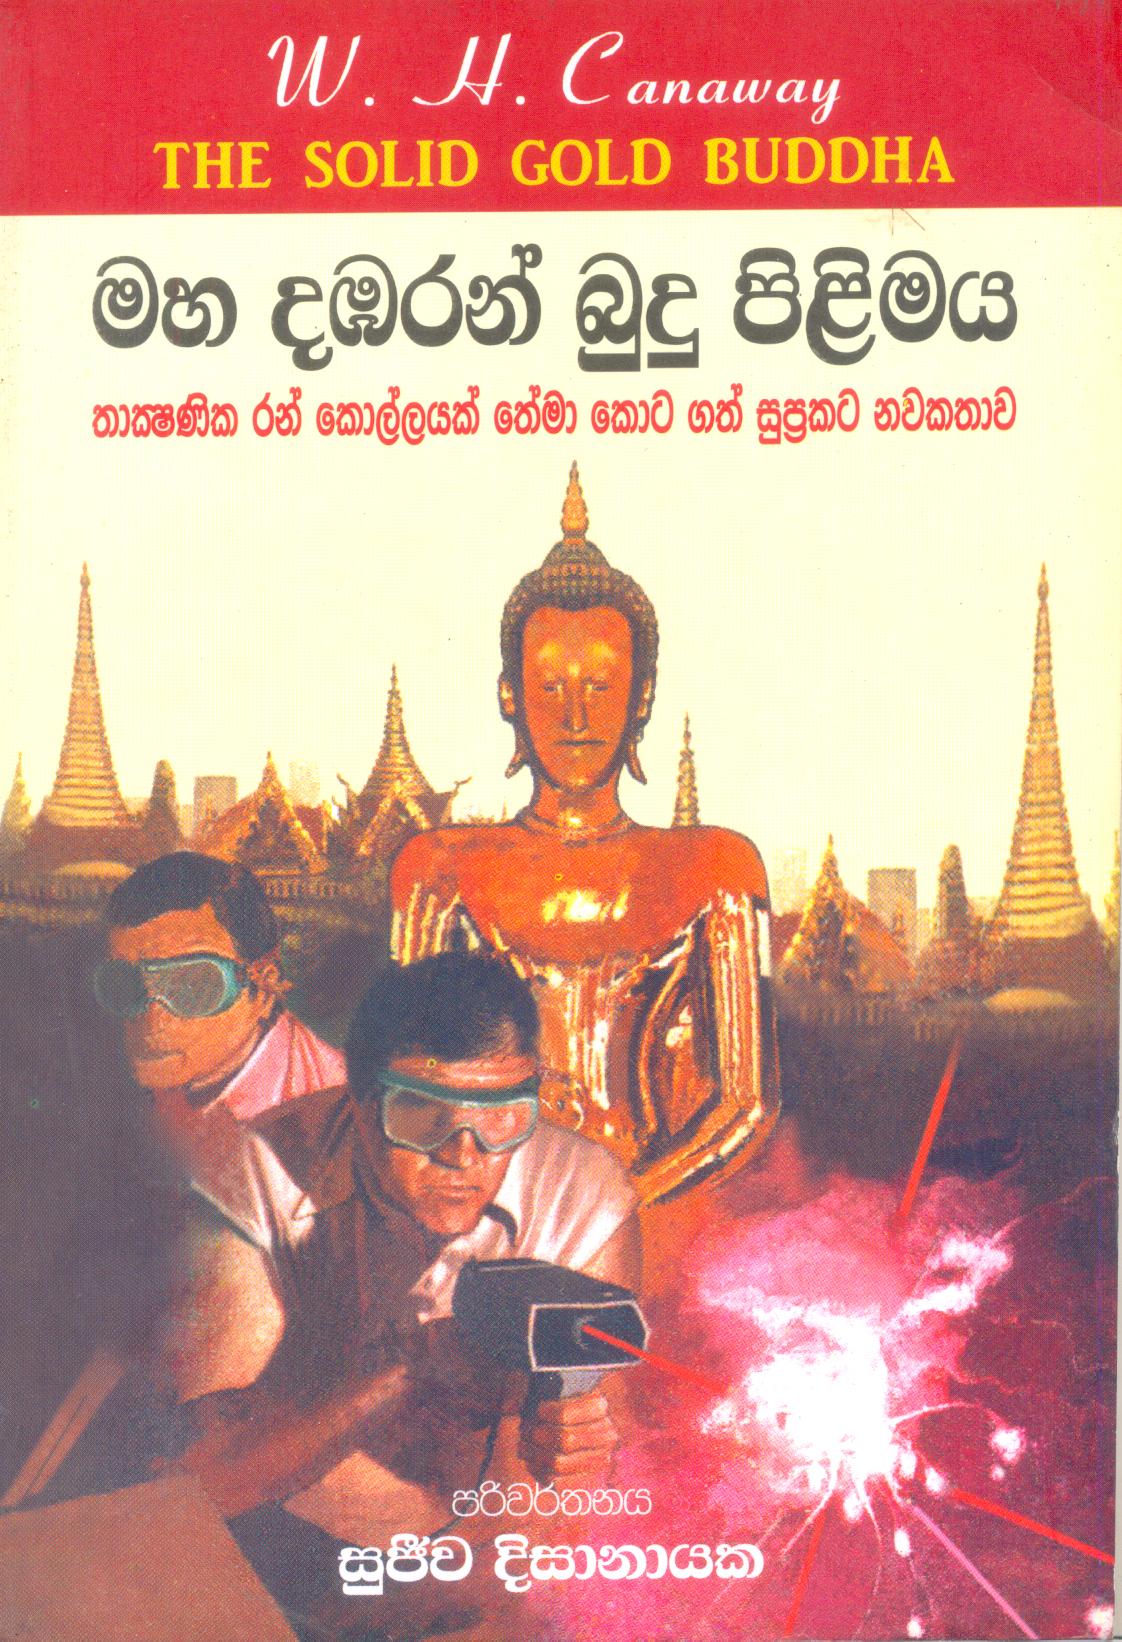 Maha Daba Ran Budu Pilimaya